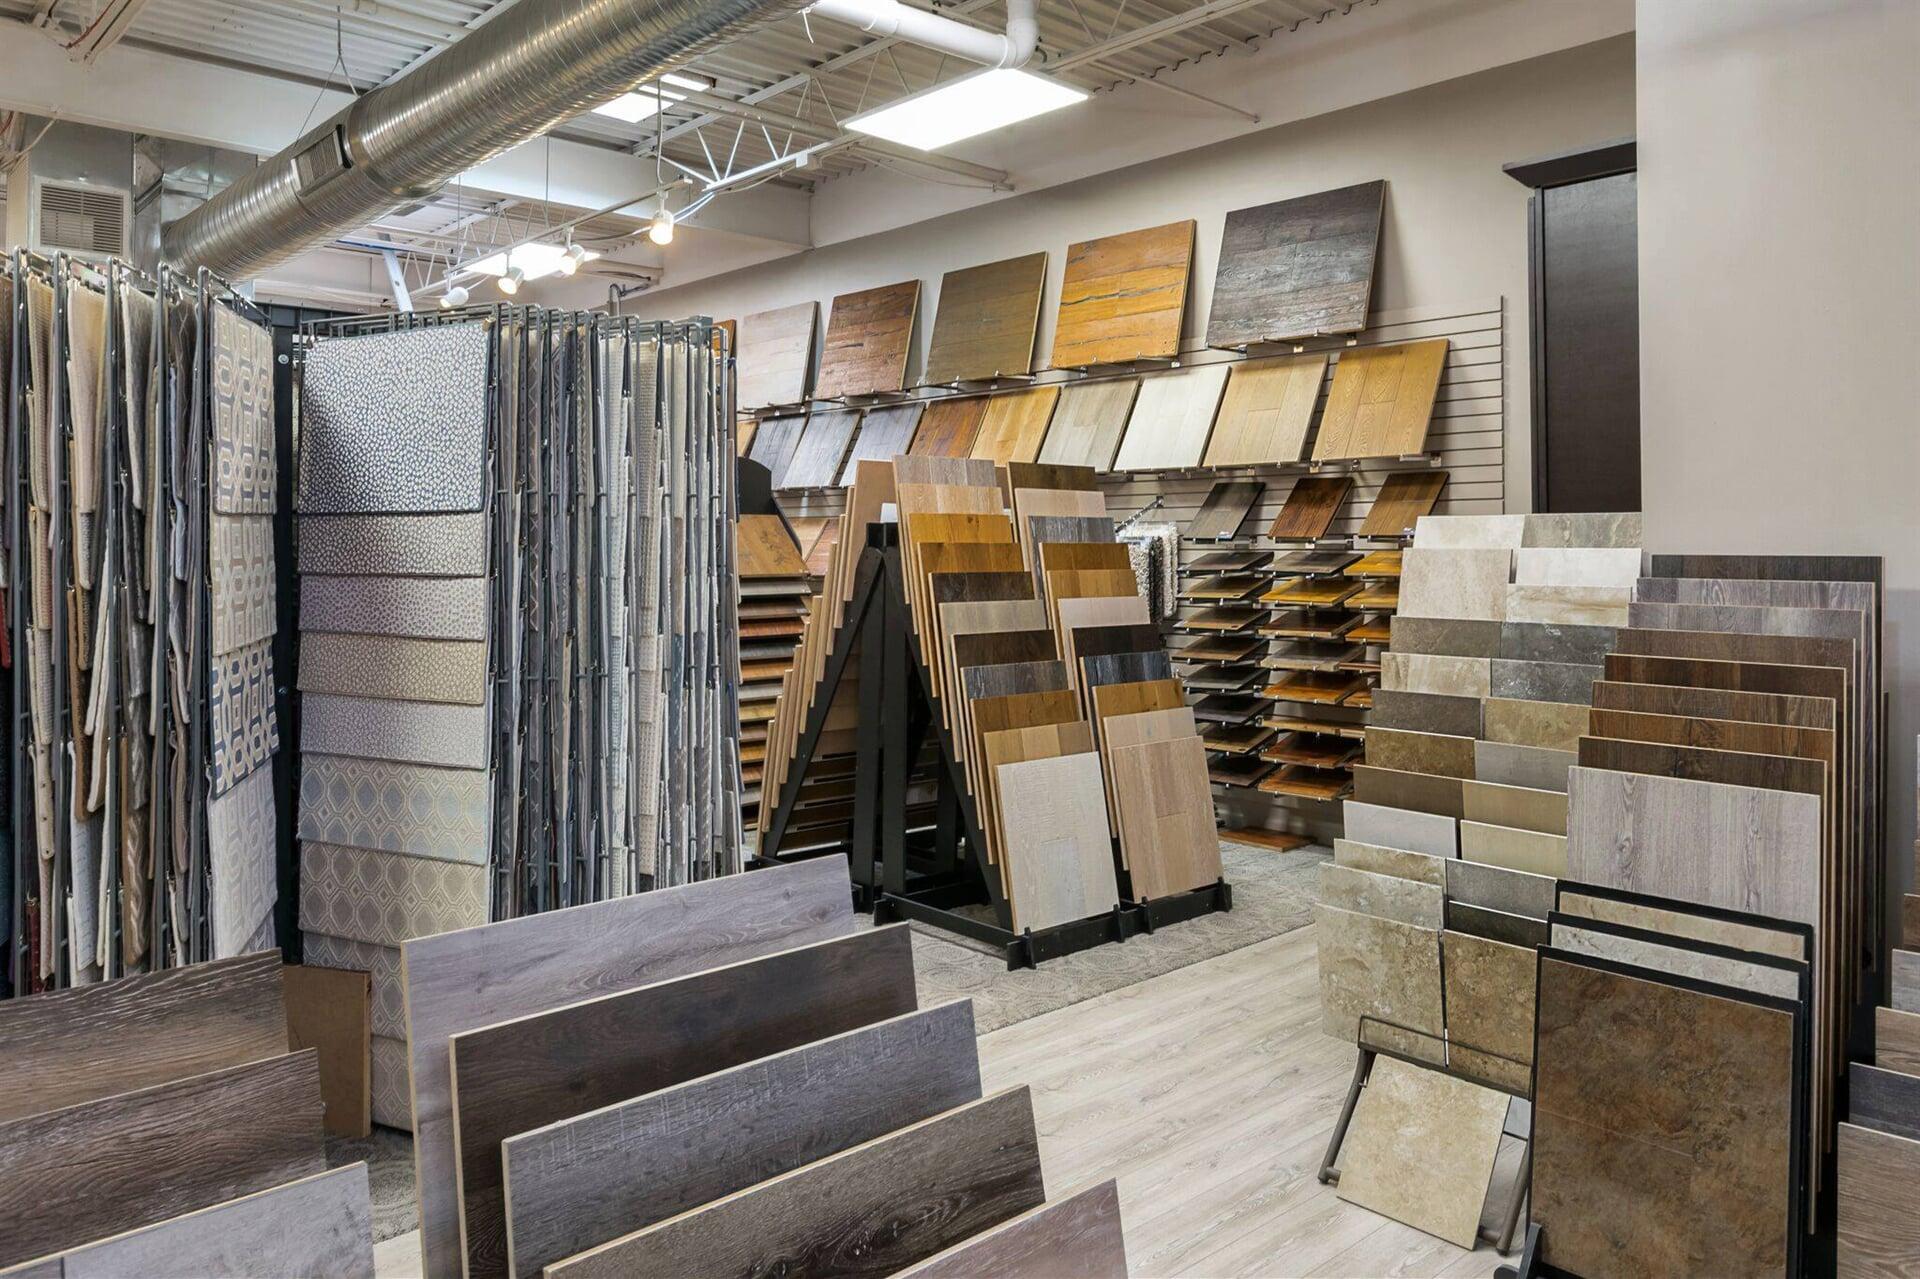 Floor Source showroom in Chesterfield, MO